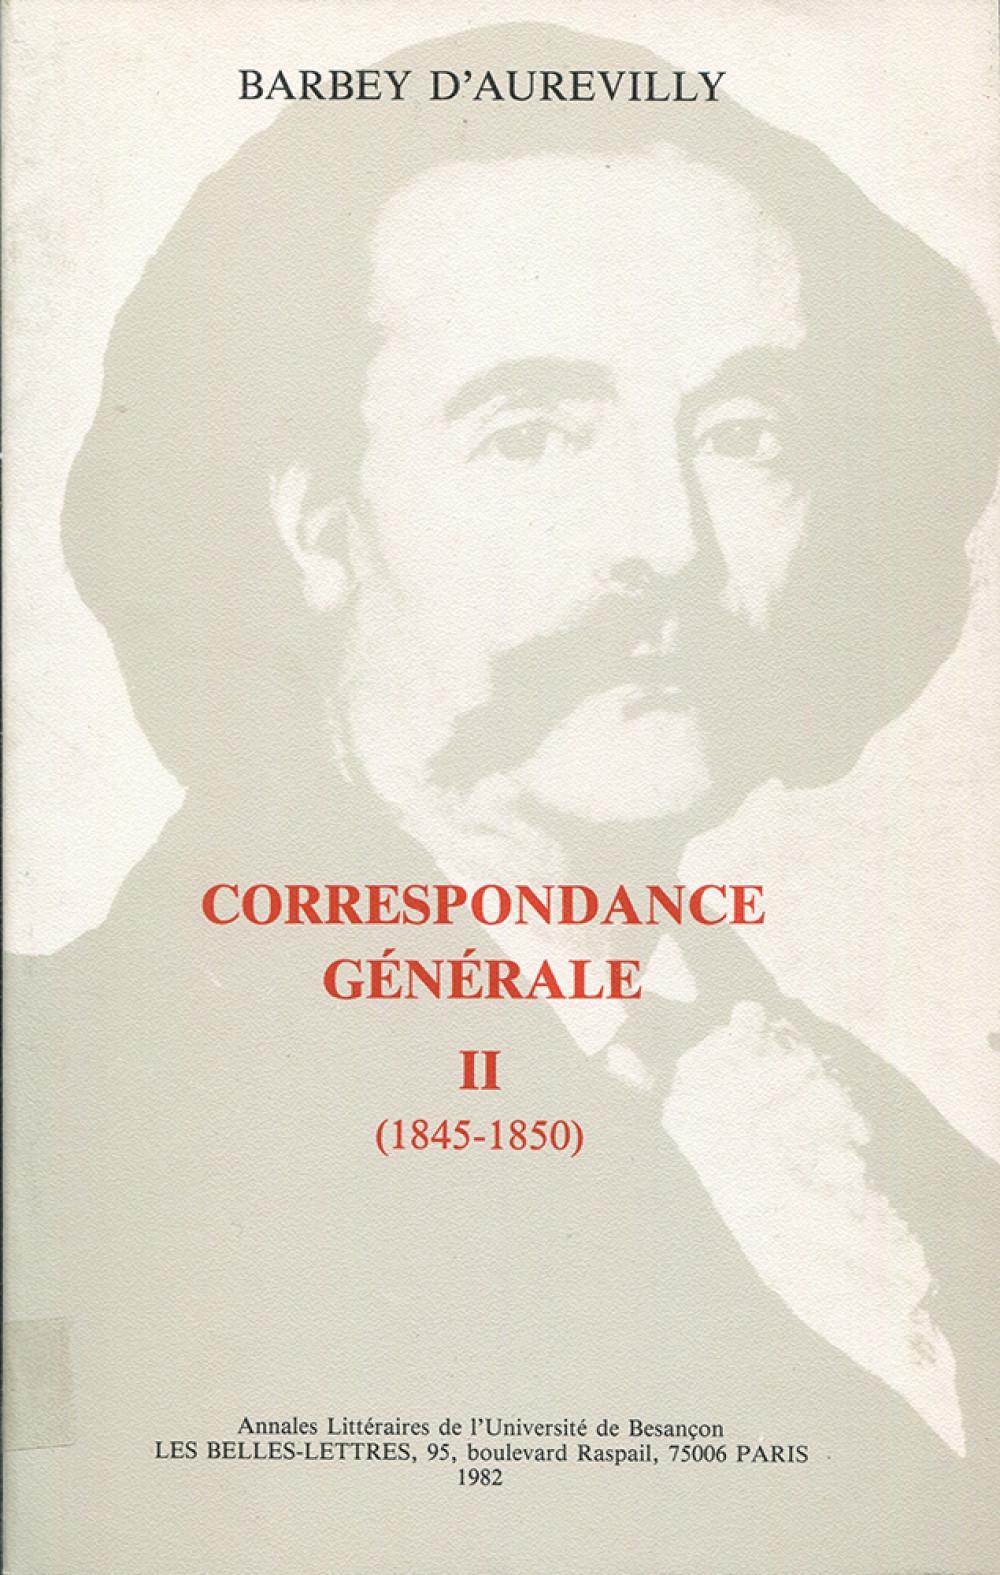 Correspondance générale de Barbey d'Aurevilly. Tome II